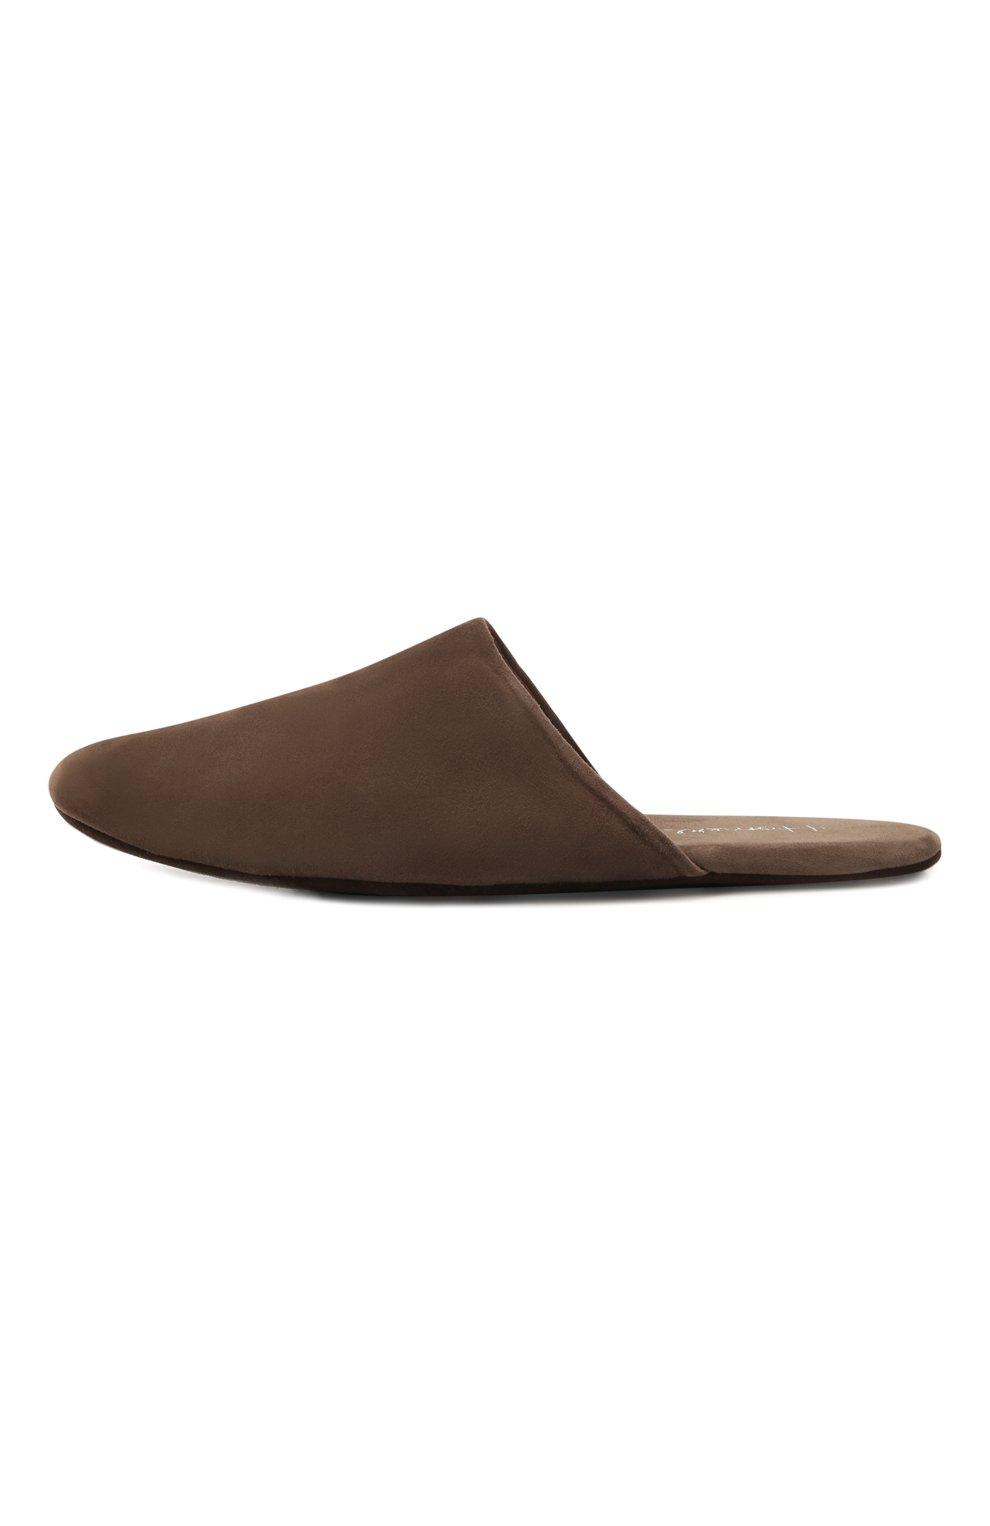 Мужского замшевые домашние туфли HOMERS AT HOME коричневого цвета, арт. 14289/ANTE | Фото 3 (Материал внутренний: Натуральная кожа; Материал внешний: Замша; Мужское Кросс-КТ: тапочки-обувь)